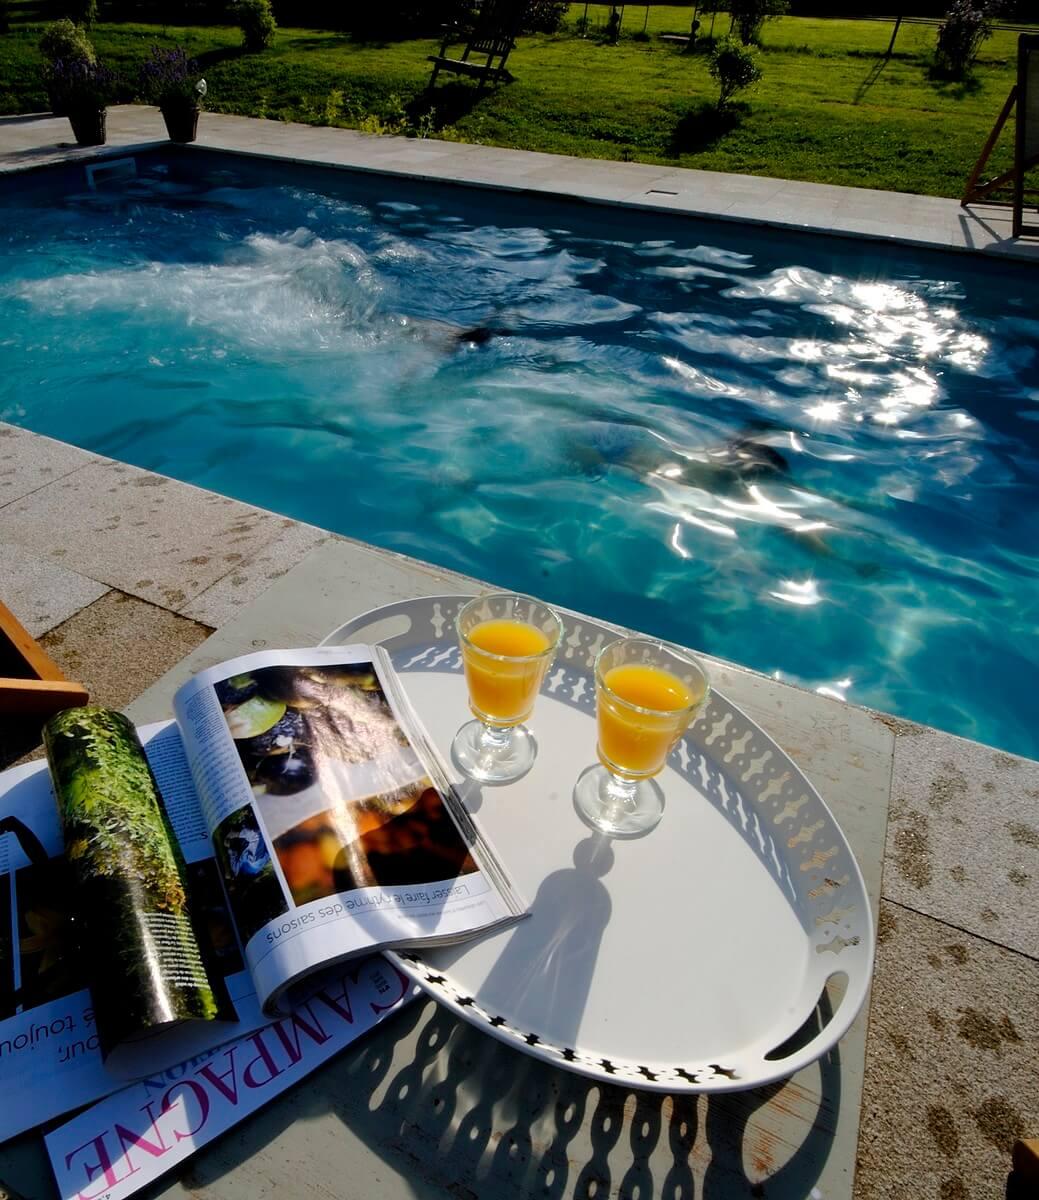 Chambre d 39 h tes et g te avec piscine en bretagne - Chambre d hote en bretagne avec piscine ...